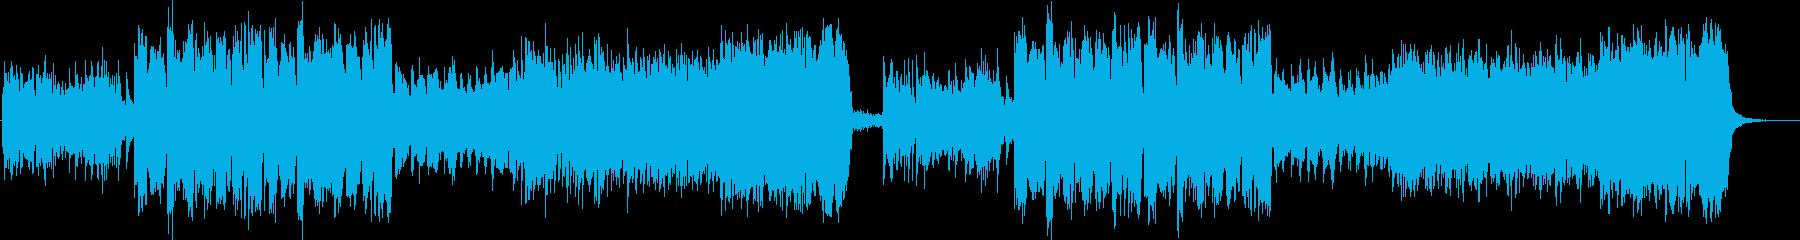 静かな透明感のあるアンビエント調の曲の再生済みの波形